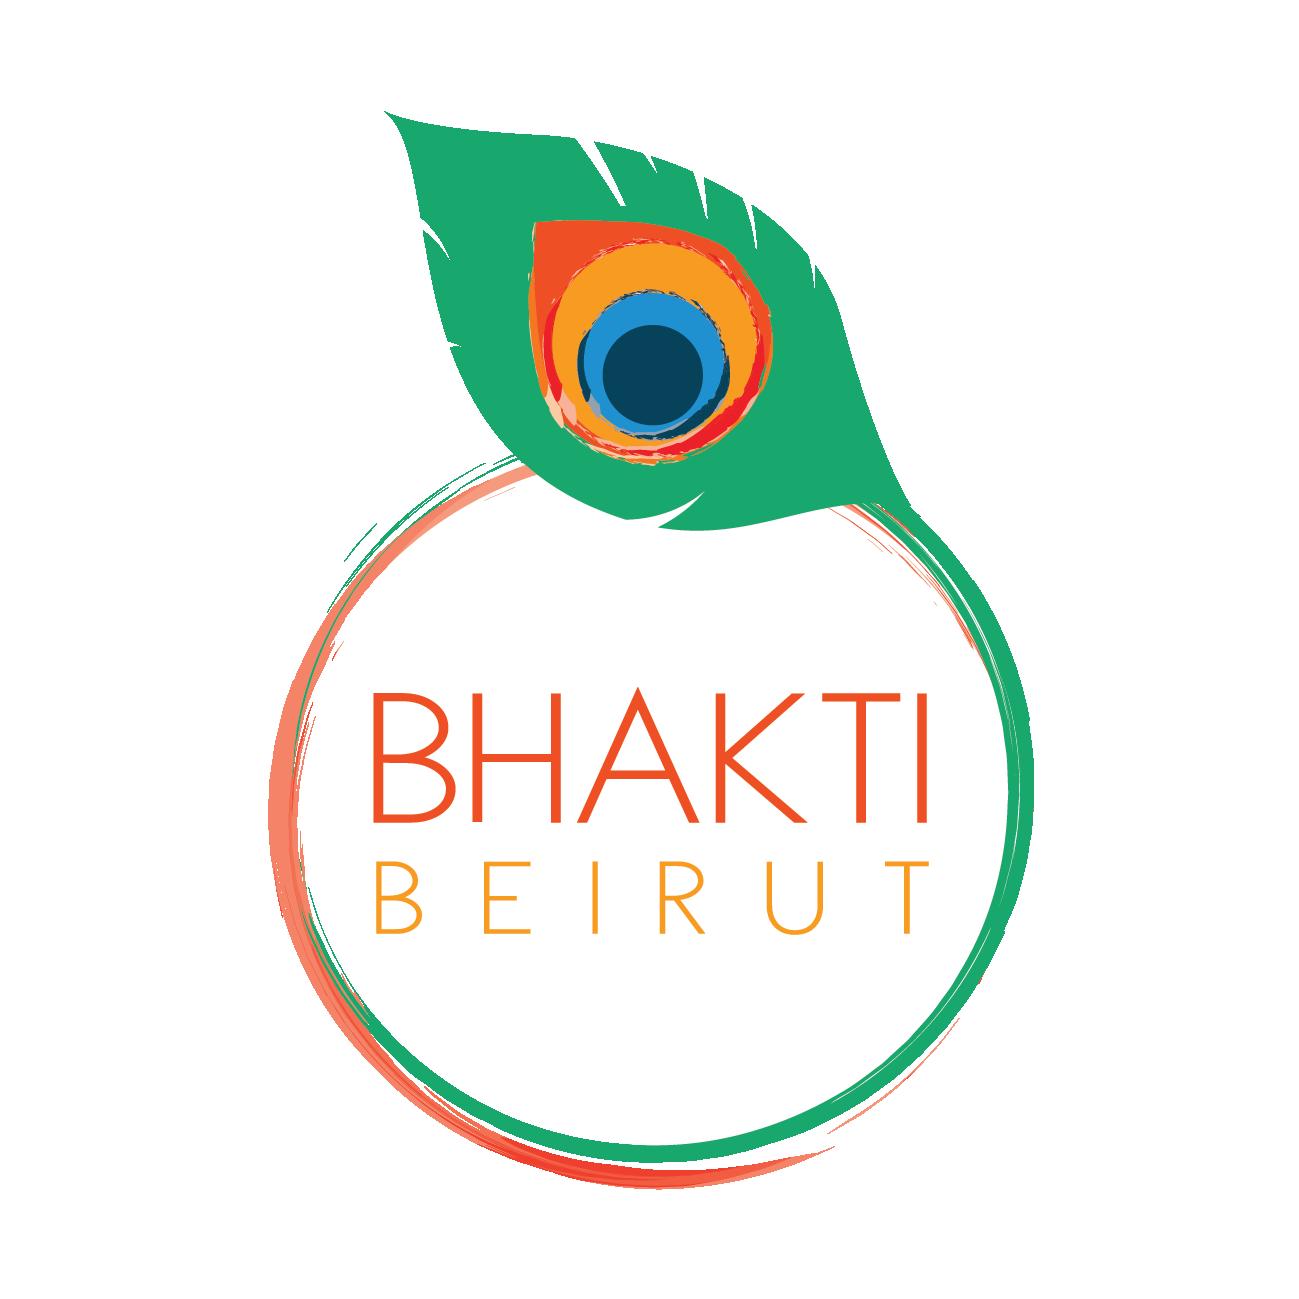 The Bhakti Beirut Lebanon Hare Krishna Krsna spiritual home home of kirtan maha mantra